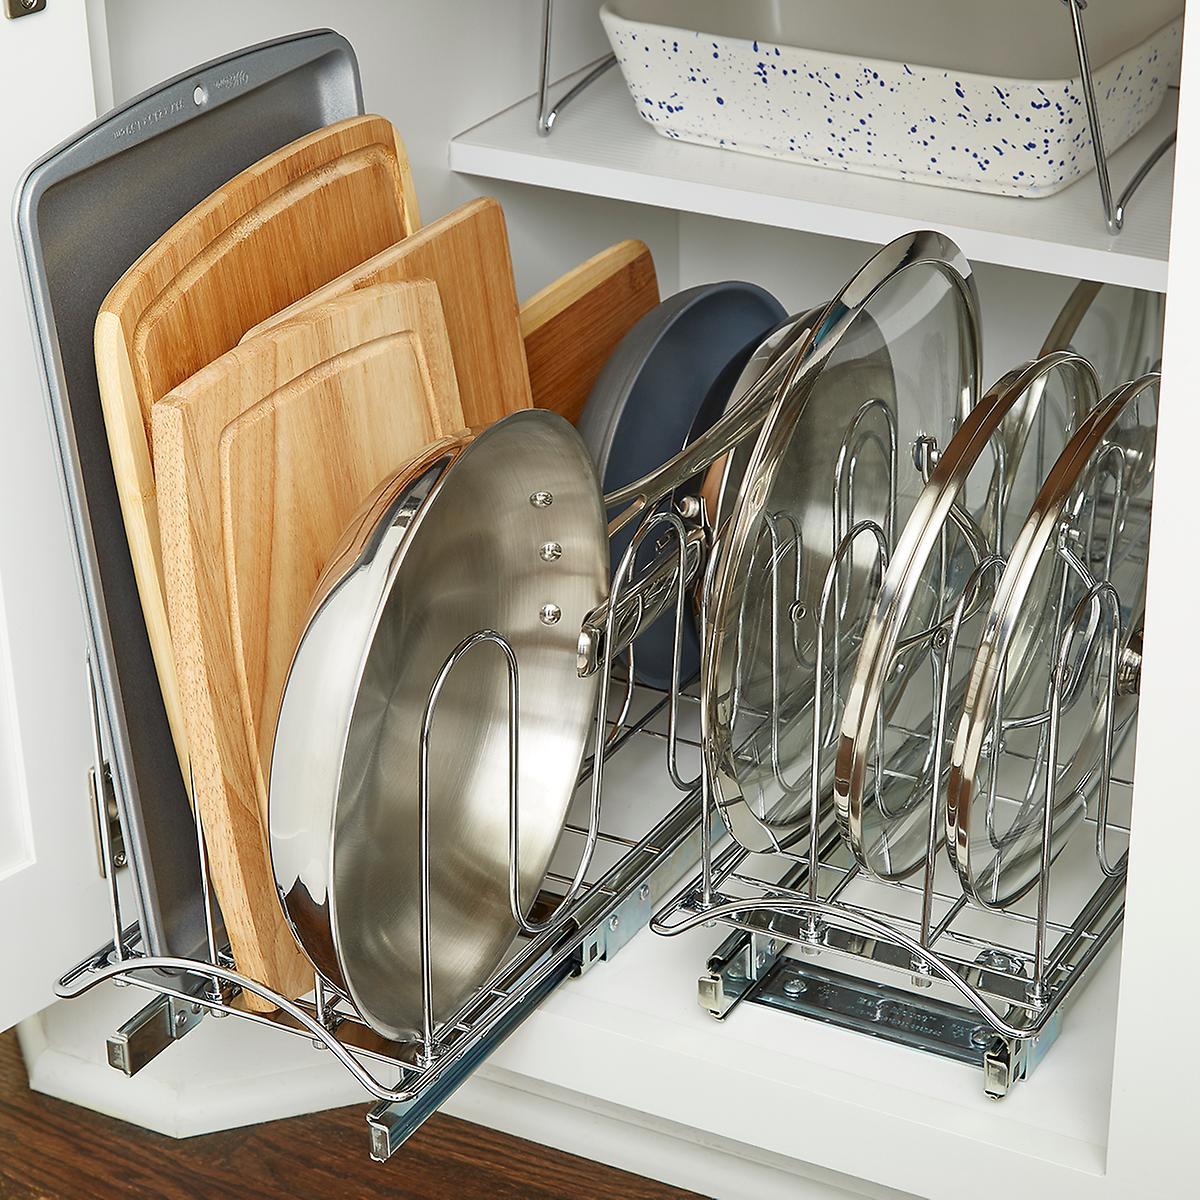 Kitchen Shelf Arrangement: Lower Cabinet Organization Starter Kit